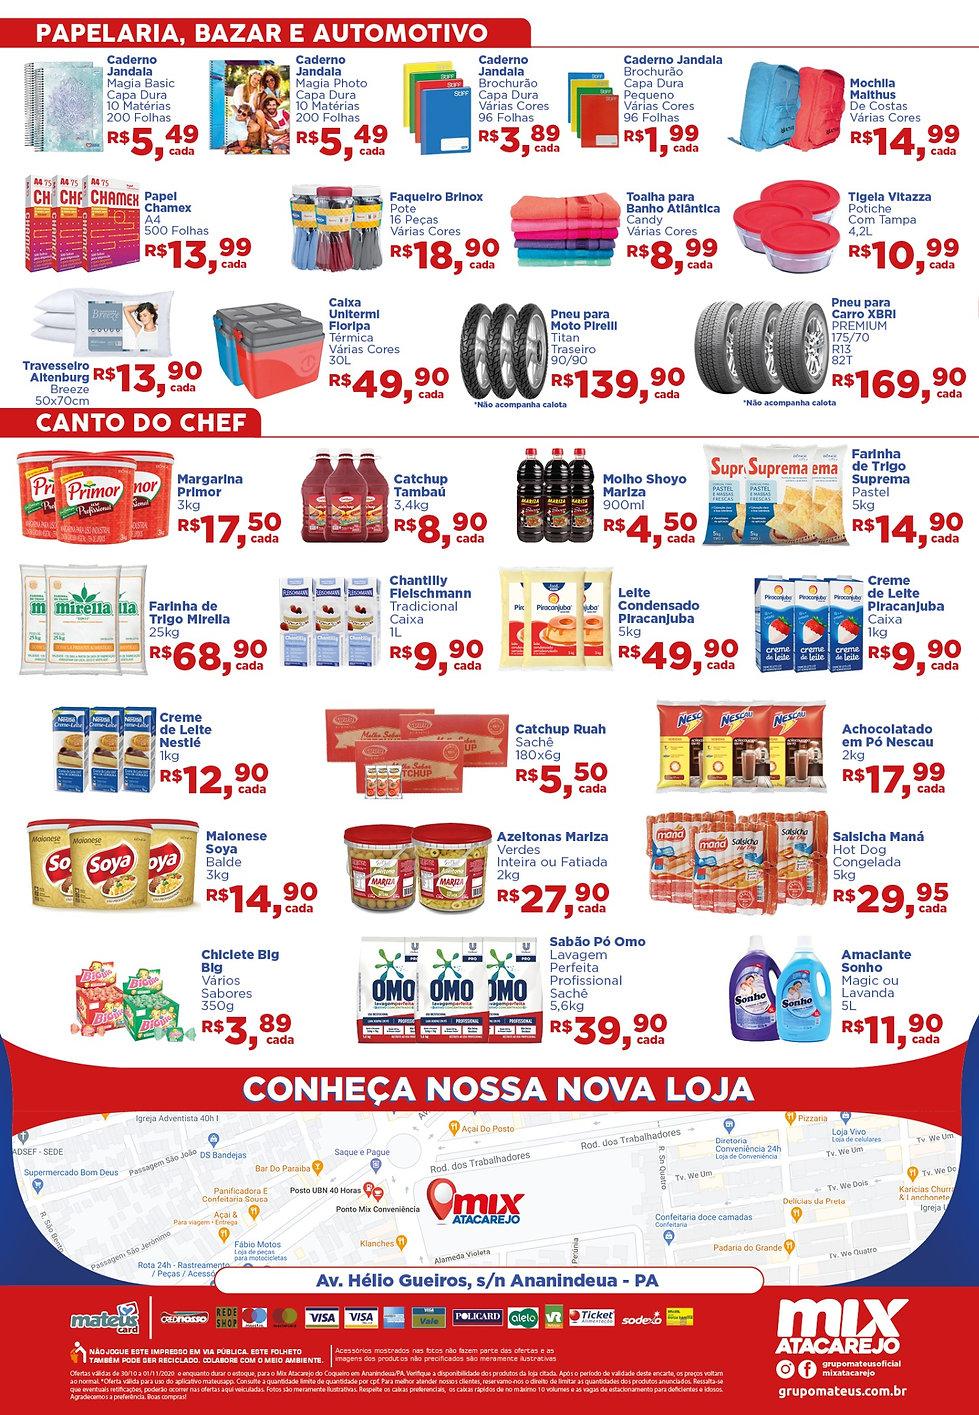 INAUGURA%C3%87%C3%83O_MIX_COQUEIRO_30_DE